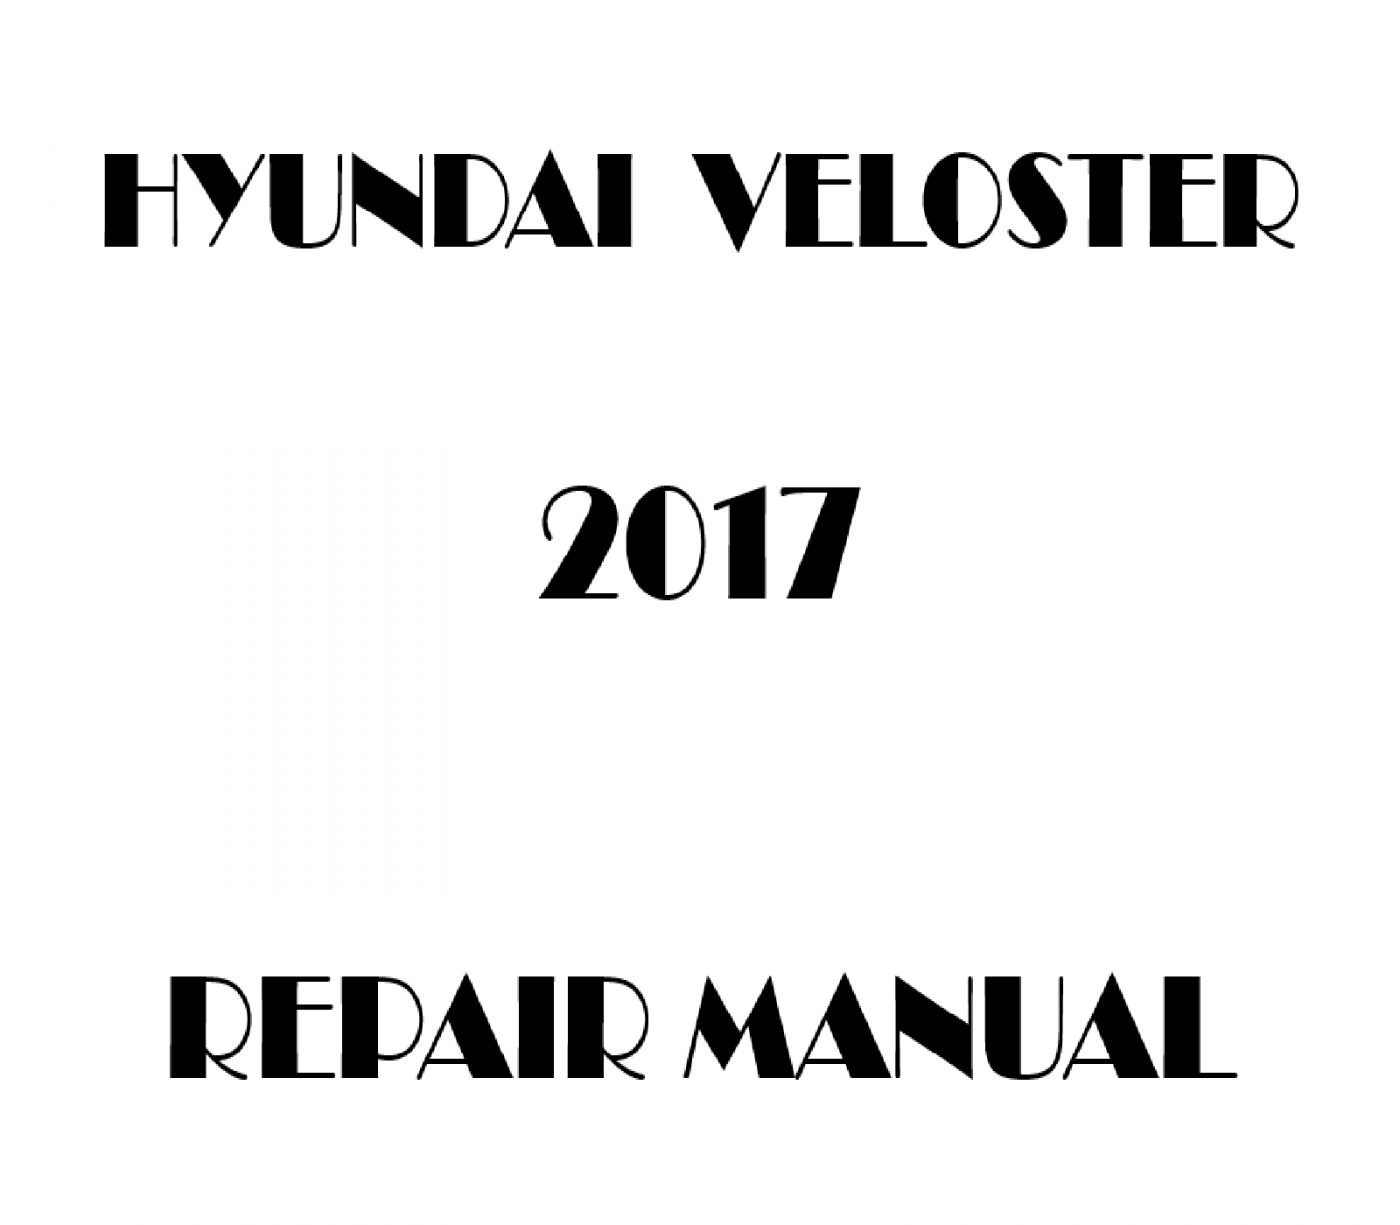 2017 Hyundai Veloster repair manual